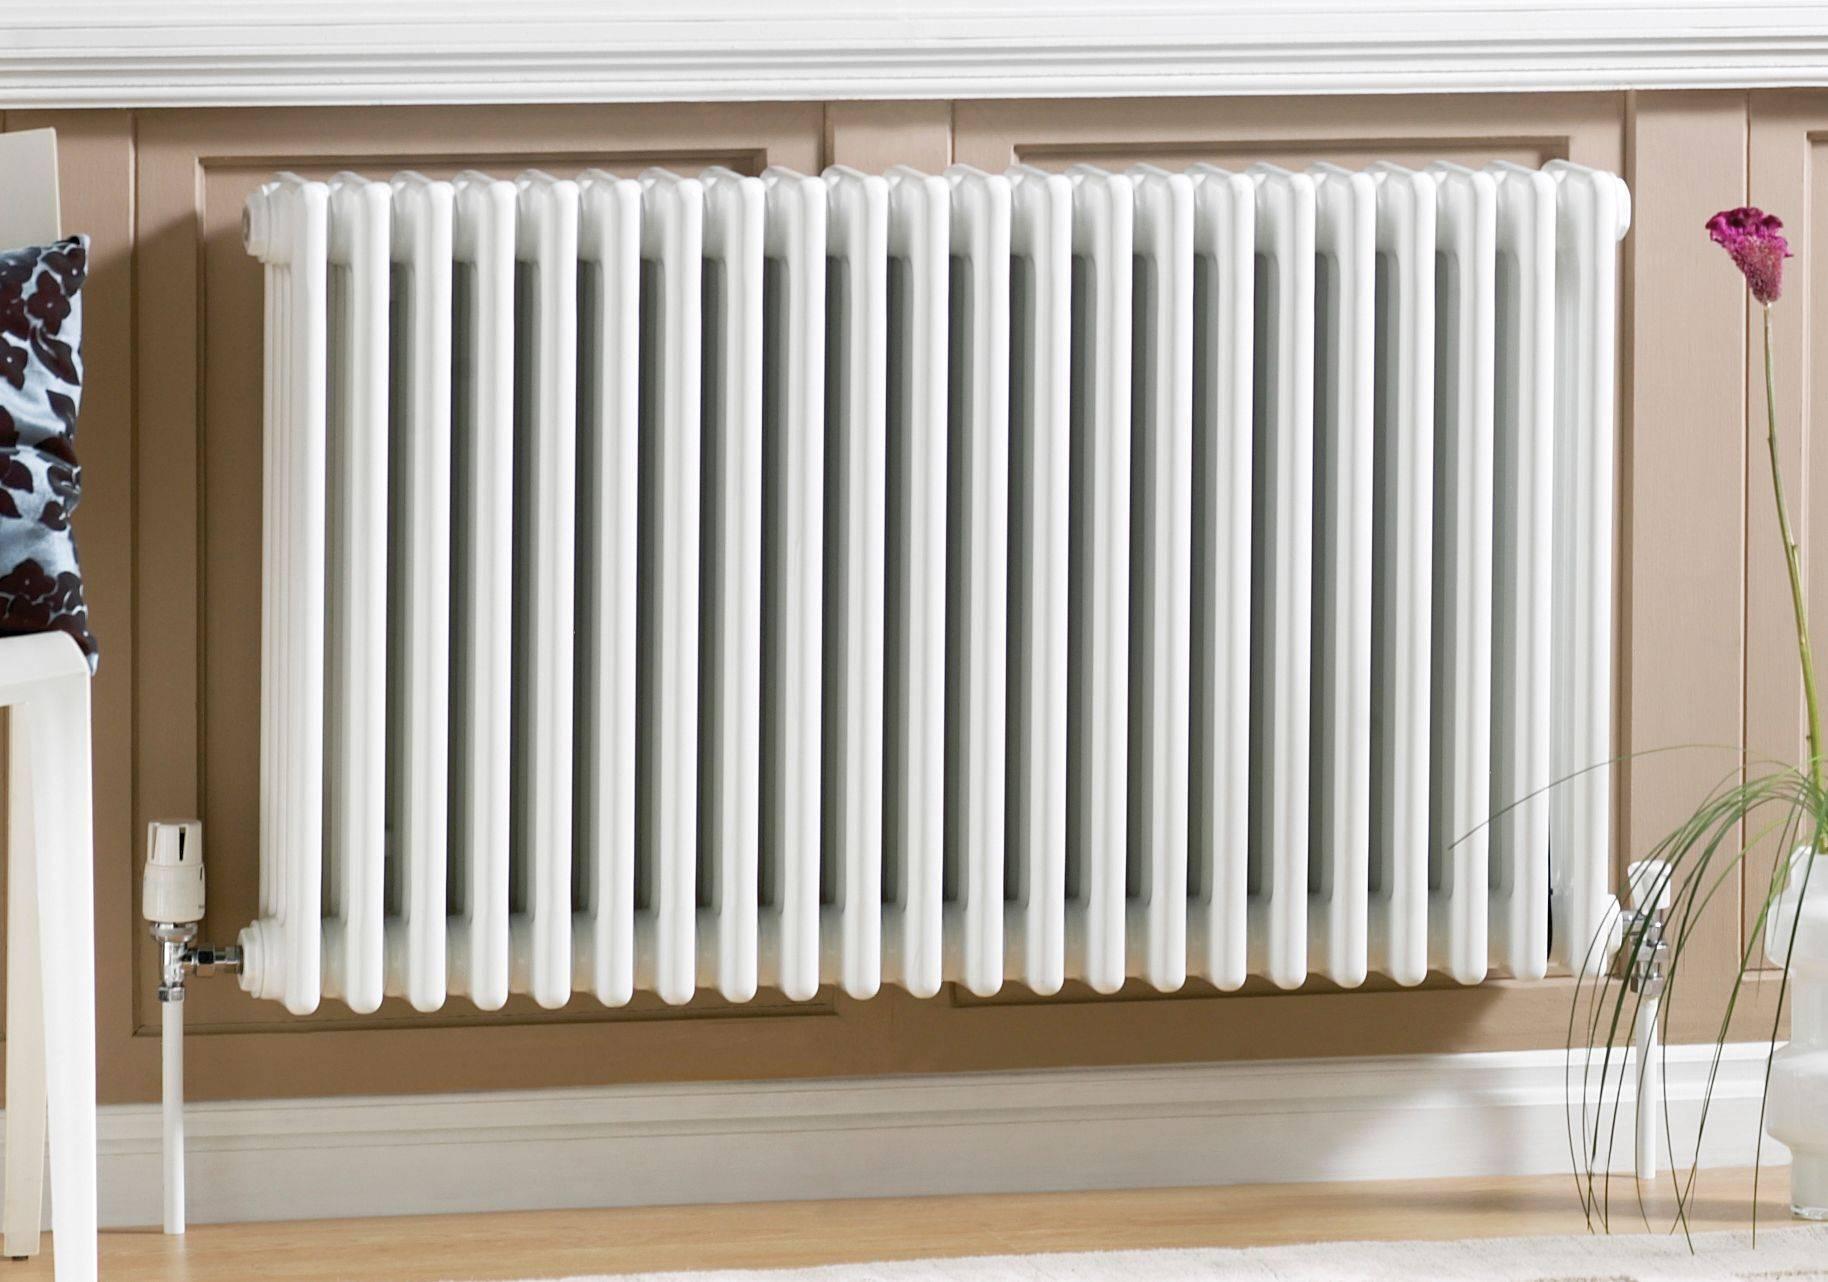 Какие лучше ставить радиаторы отопления в частном доме? как выбрать батареи, схема подключения отопительных приборов, отзывы